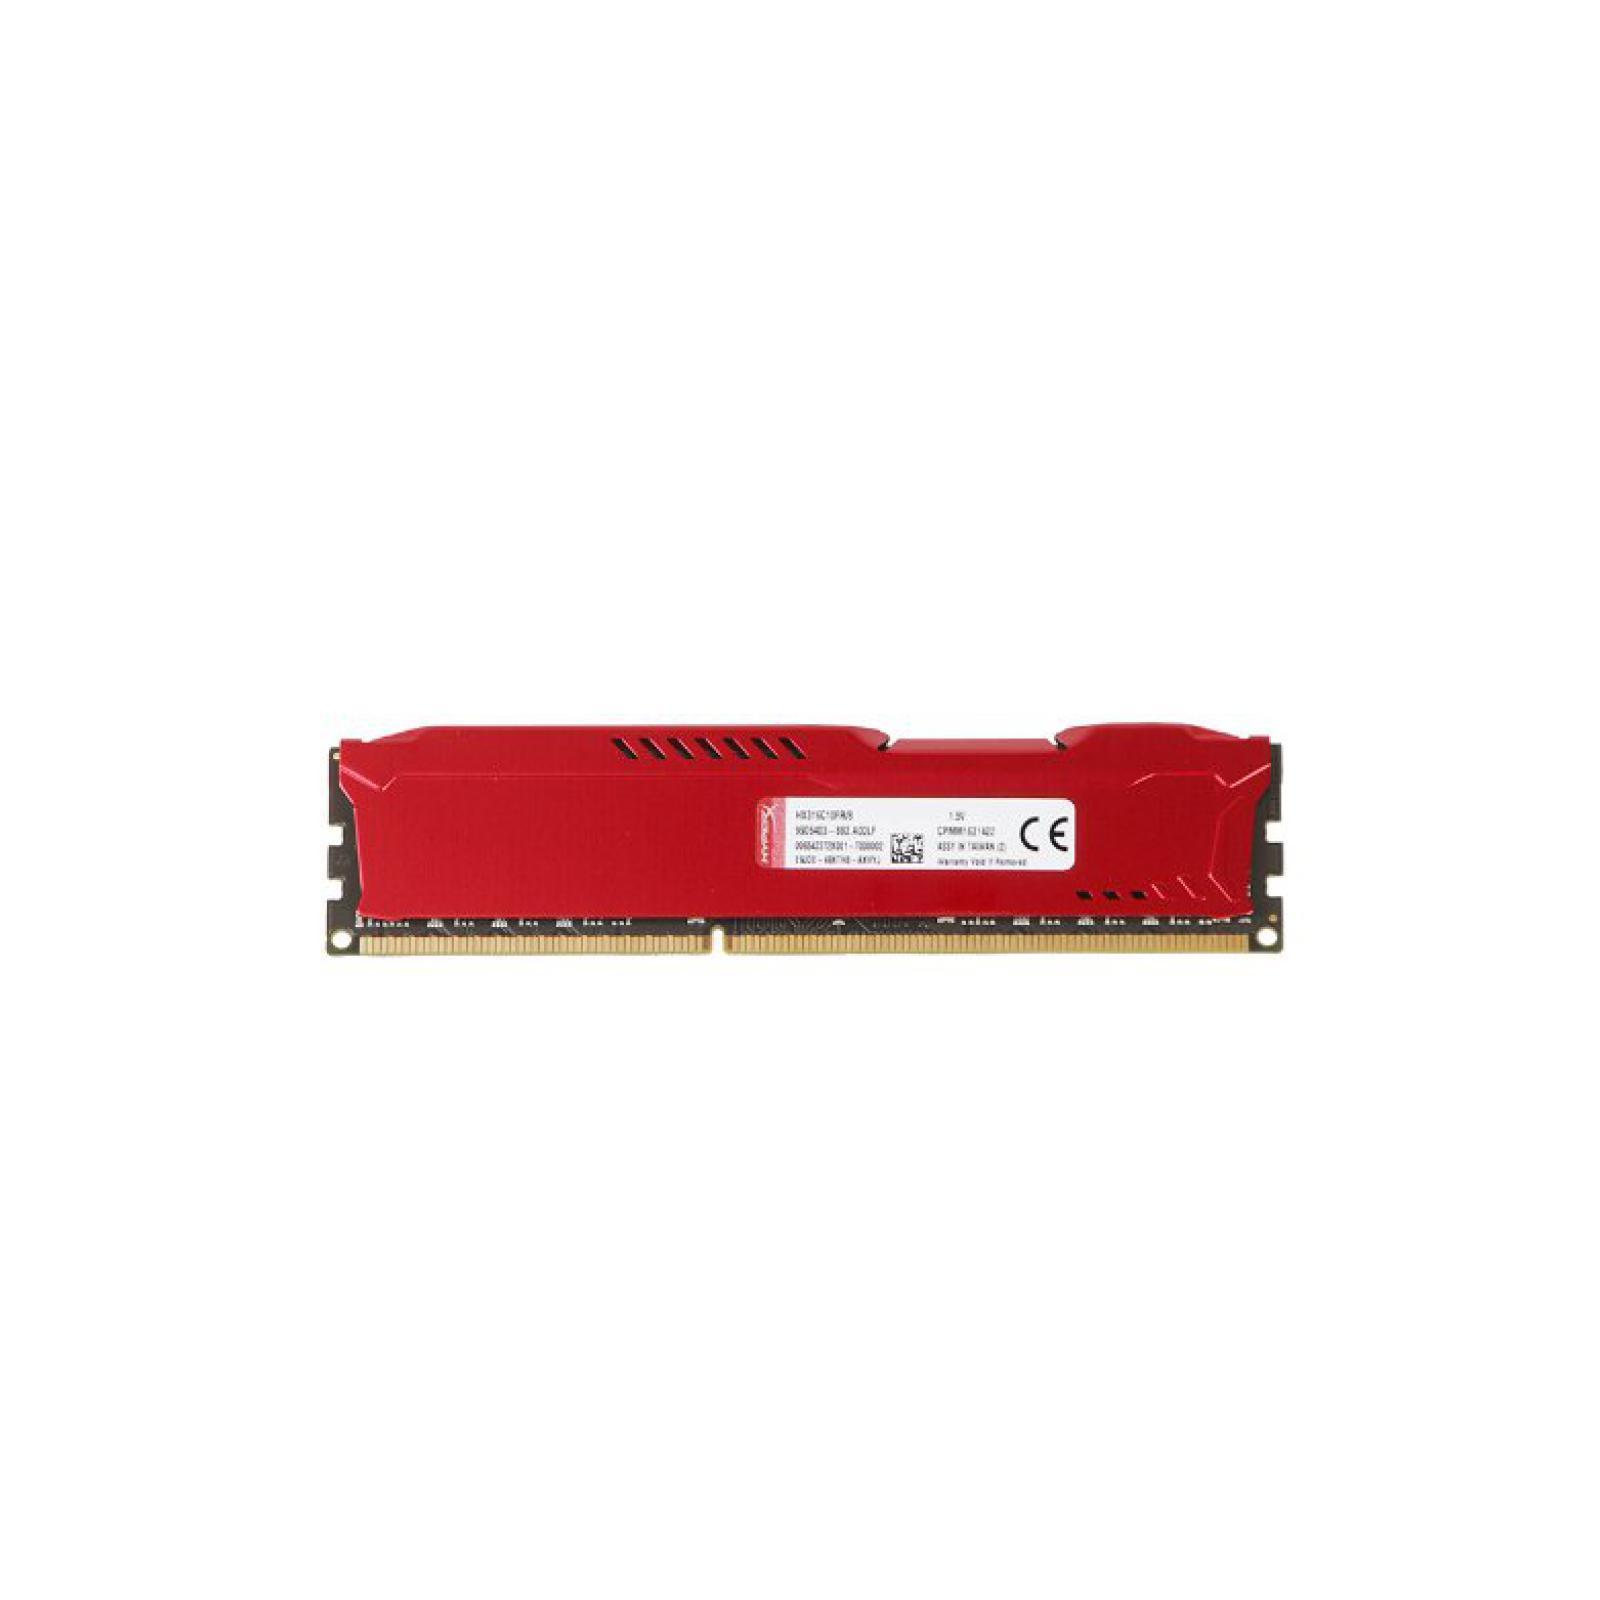 Модуль памяти для компьютера DDR4 16GB 3466 MHz HyperX FURY Red HyperX (Kingston Fury) (HX434C19FR/16) изображение 4